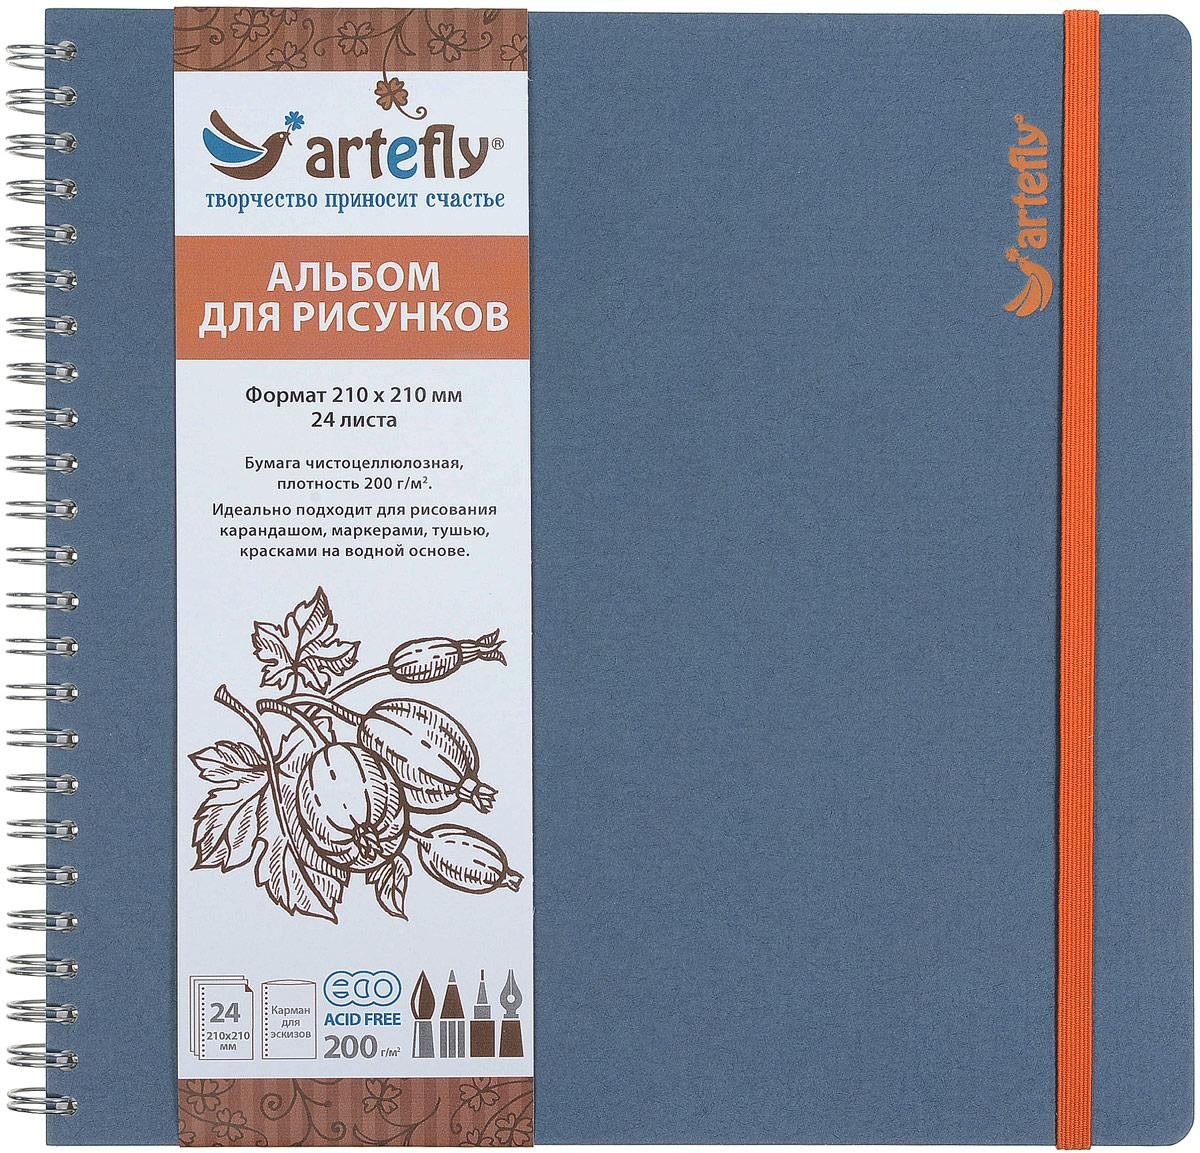 Artefly Альбом для рисования 24 листа цвет голубой AFNB-22570703415Альбом Artefly идеально подходит для рисования в нем карандашом, маркерами, тушью, красками на водной основе. Внутренний блок включает 24 листа.Удобная эластичная застежка защитит вашу записную книжку. Переплет на спирали делает альбом еще более удобным и позволяет с легкостью переворачивать страницы. Имеется карман для эскизов.